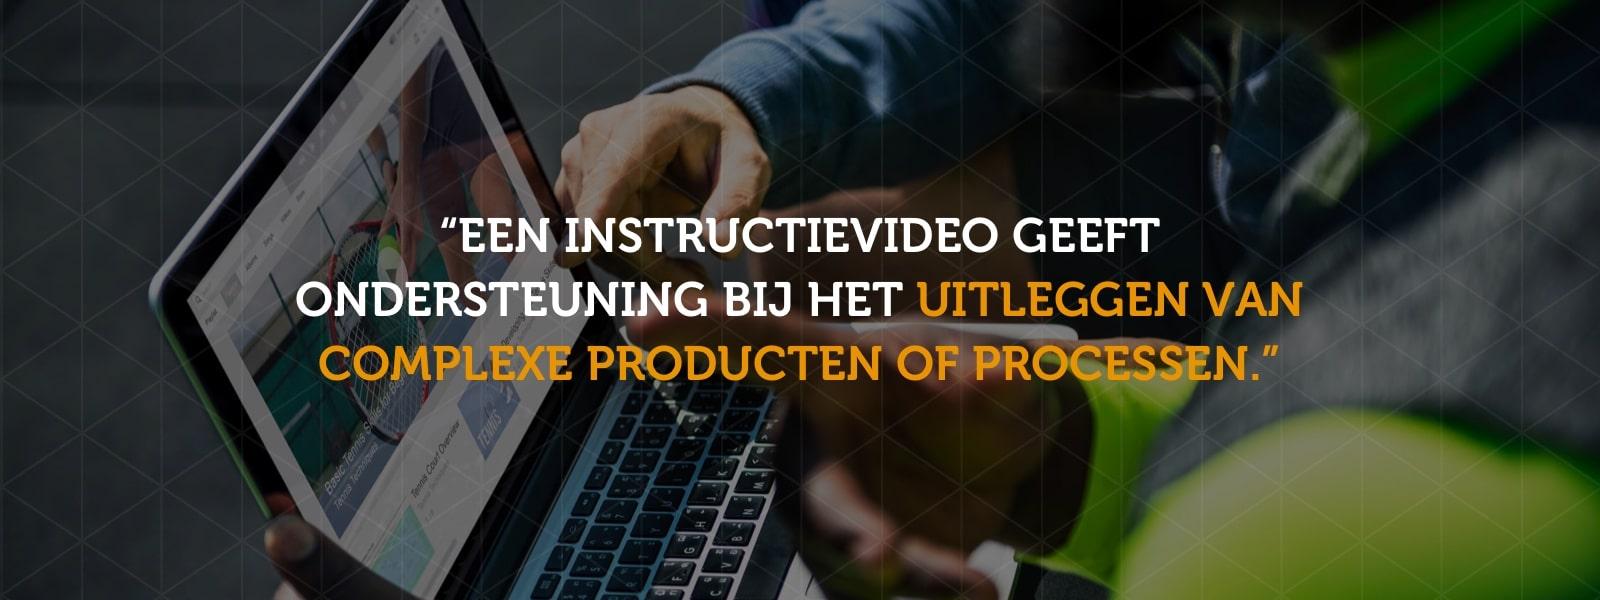 Een instructievideo geeft ondersteuning bij het uitleggen van complexe producten of processen.